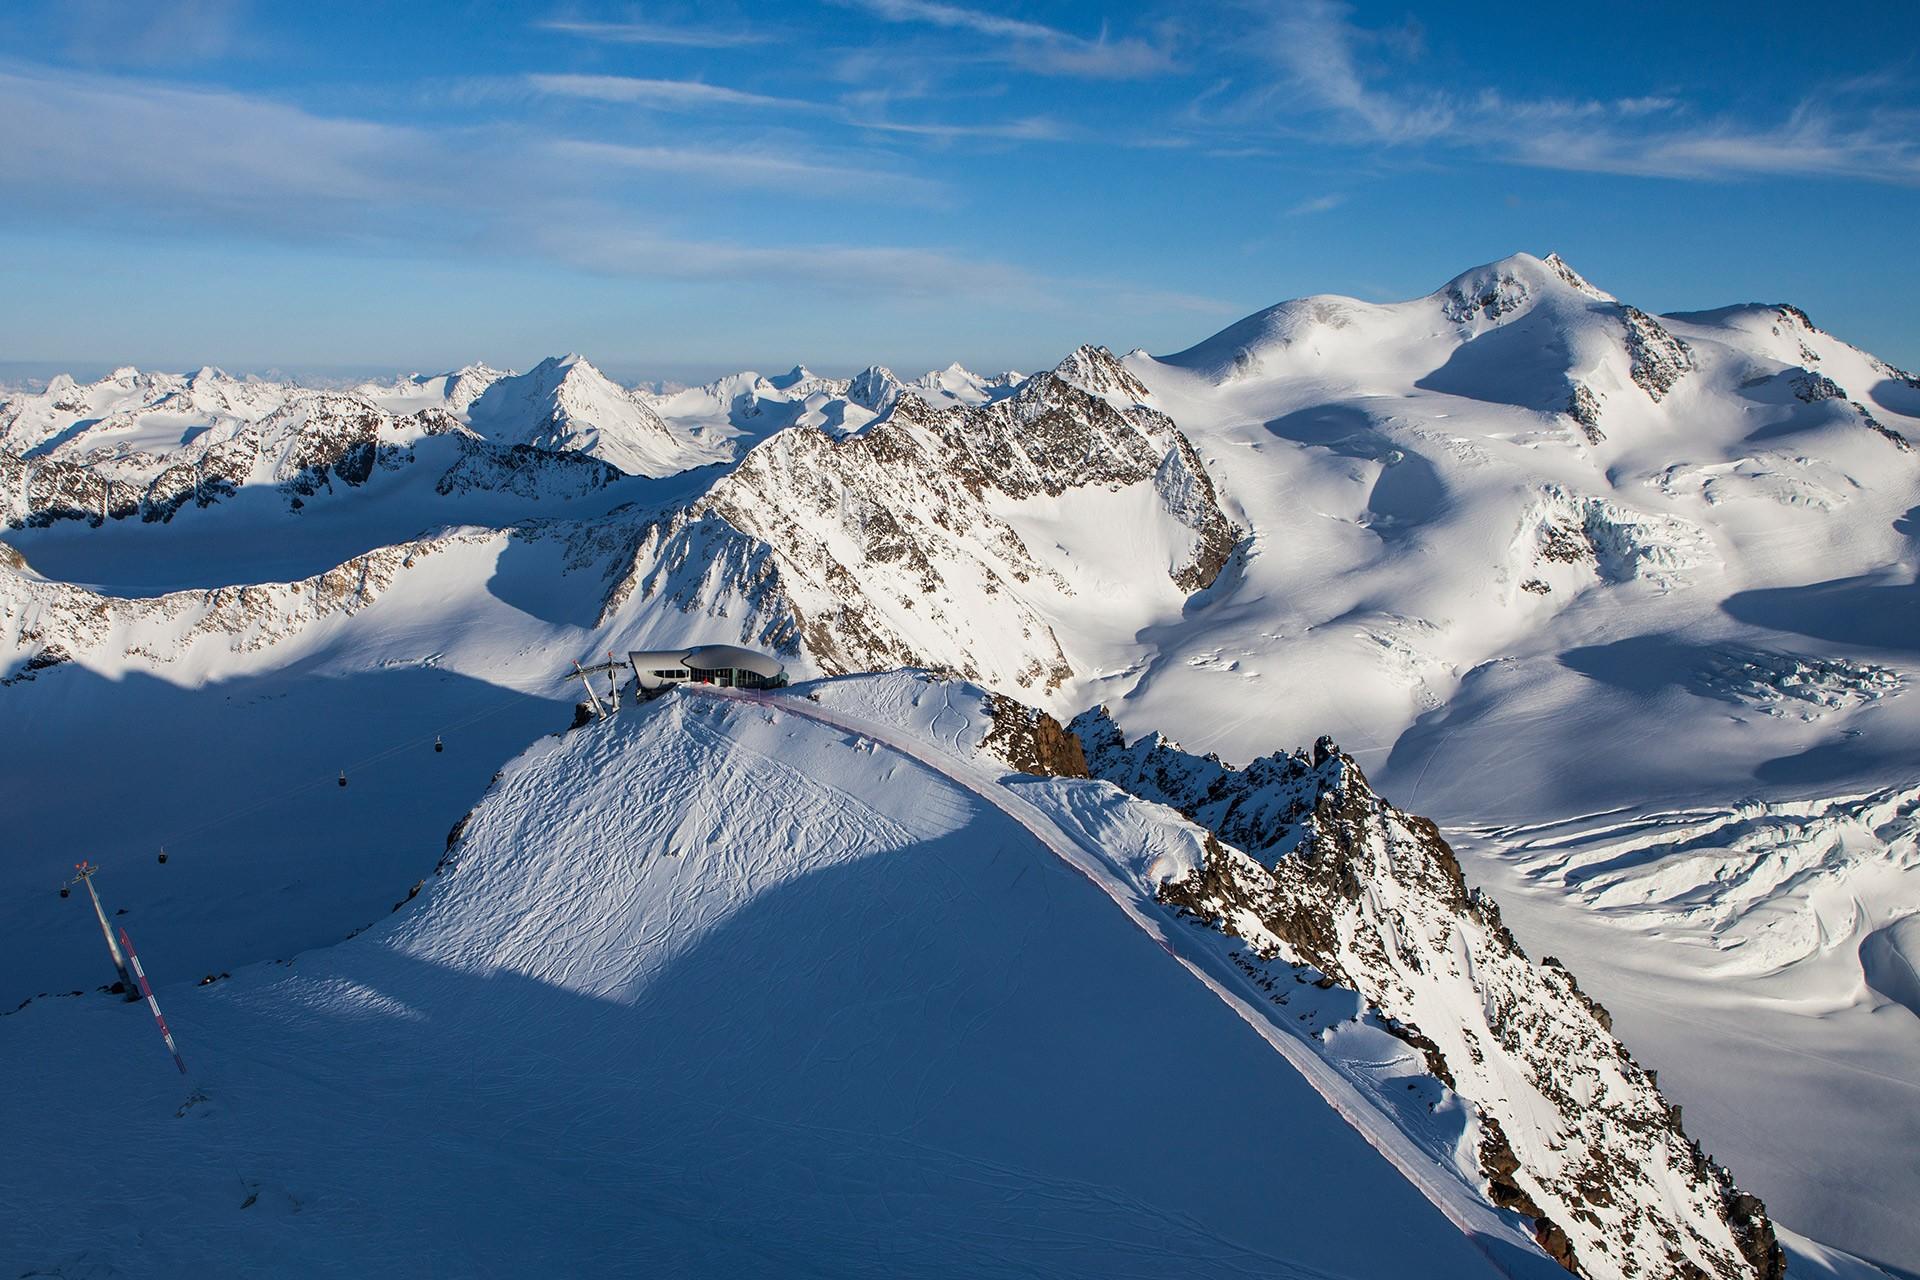 Klettergurt Für Gletscher : Klettergurt für gletscher in eisiger bergeshöh meine erste